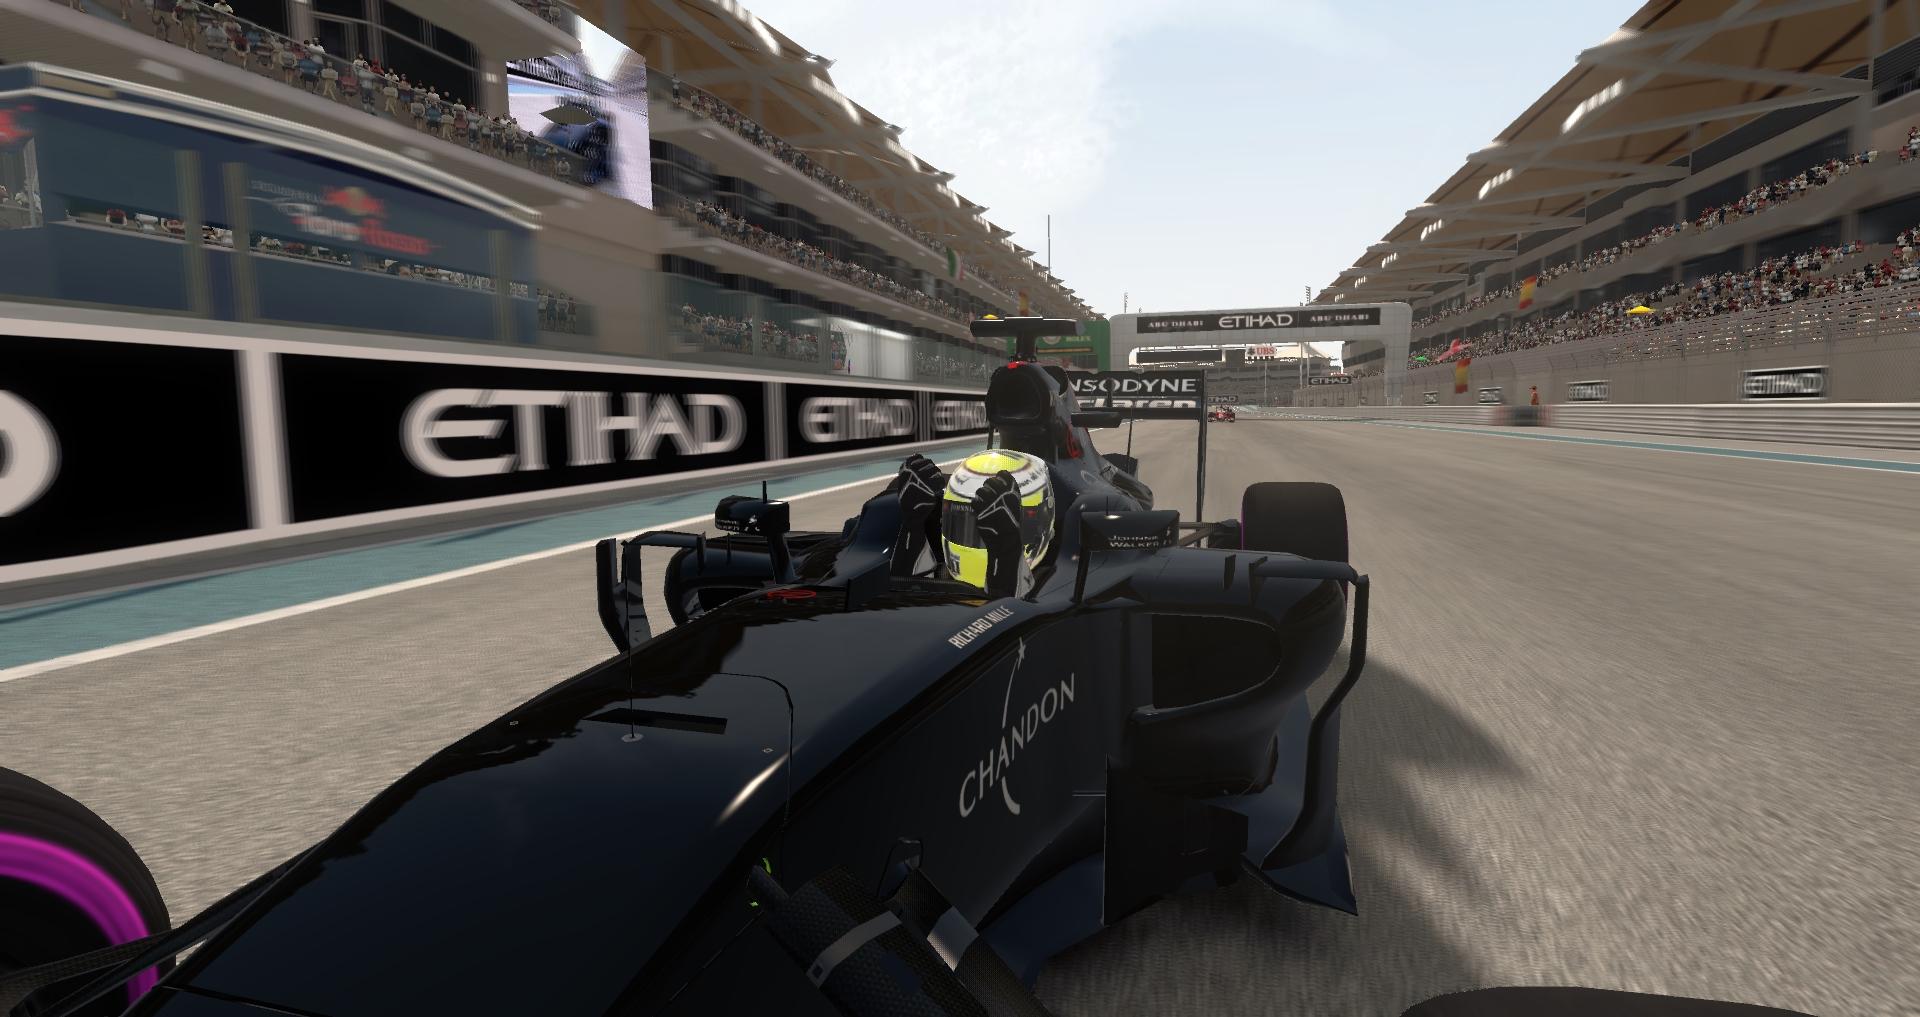 F1 2014 27_11_2016 13_01_51.jpg